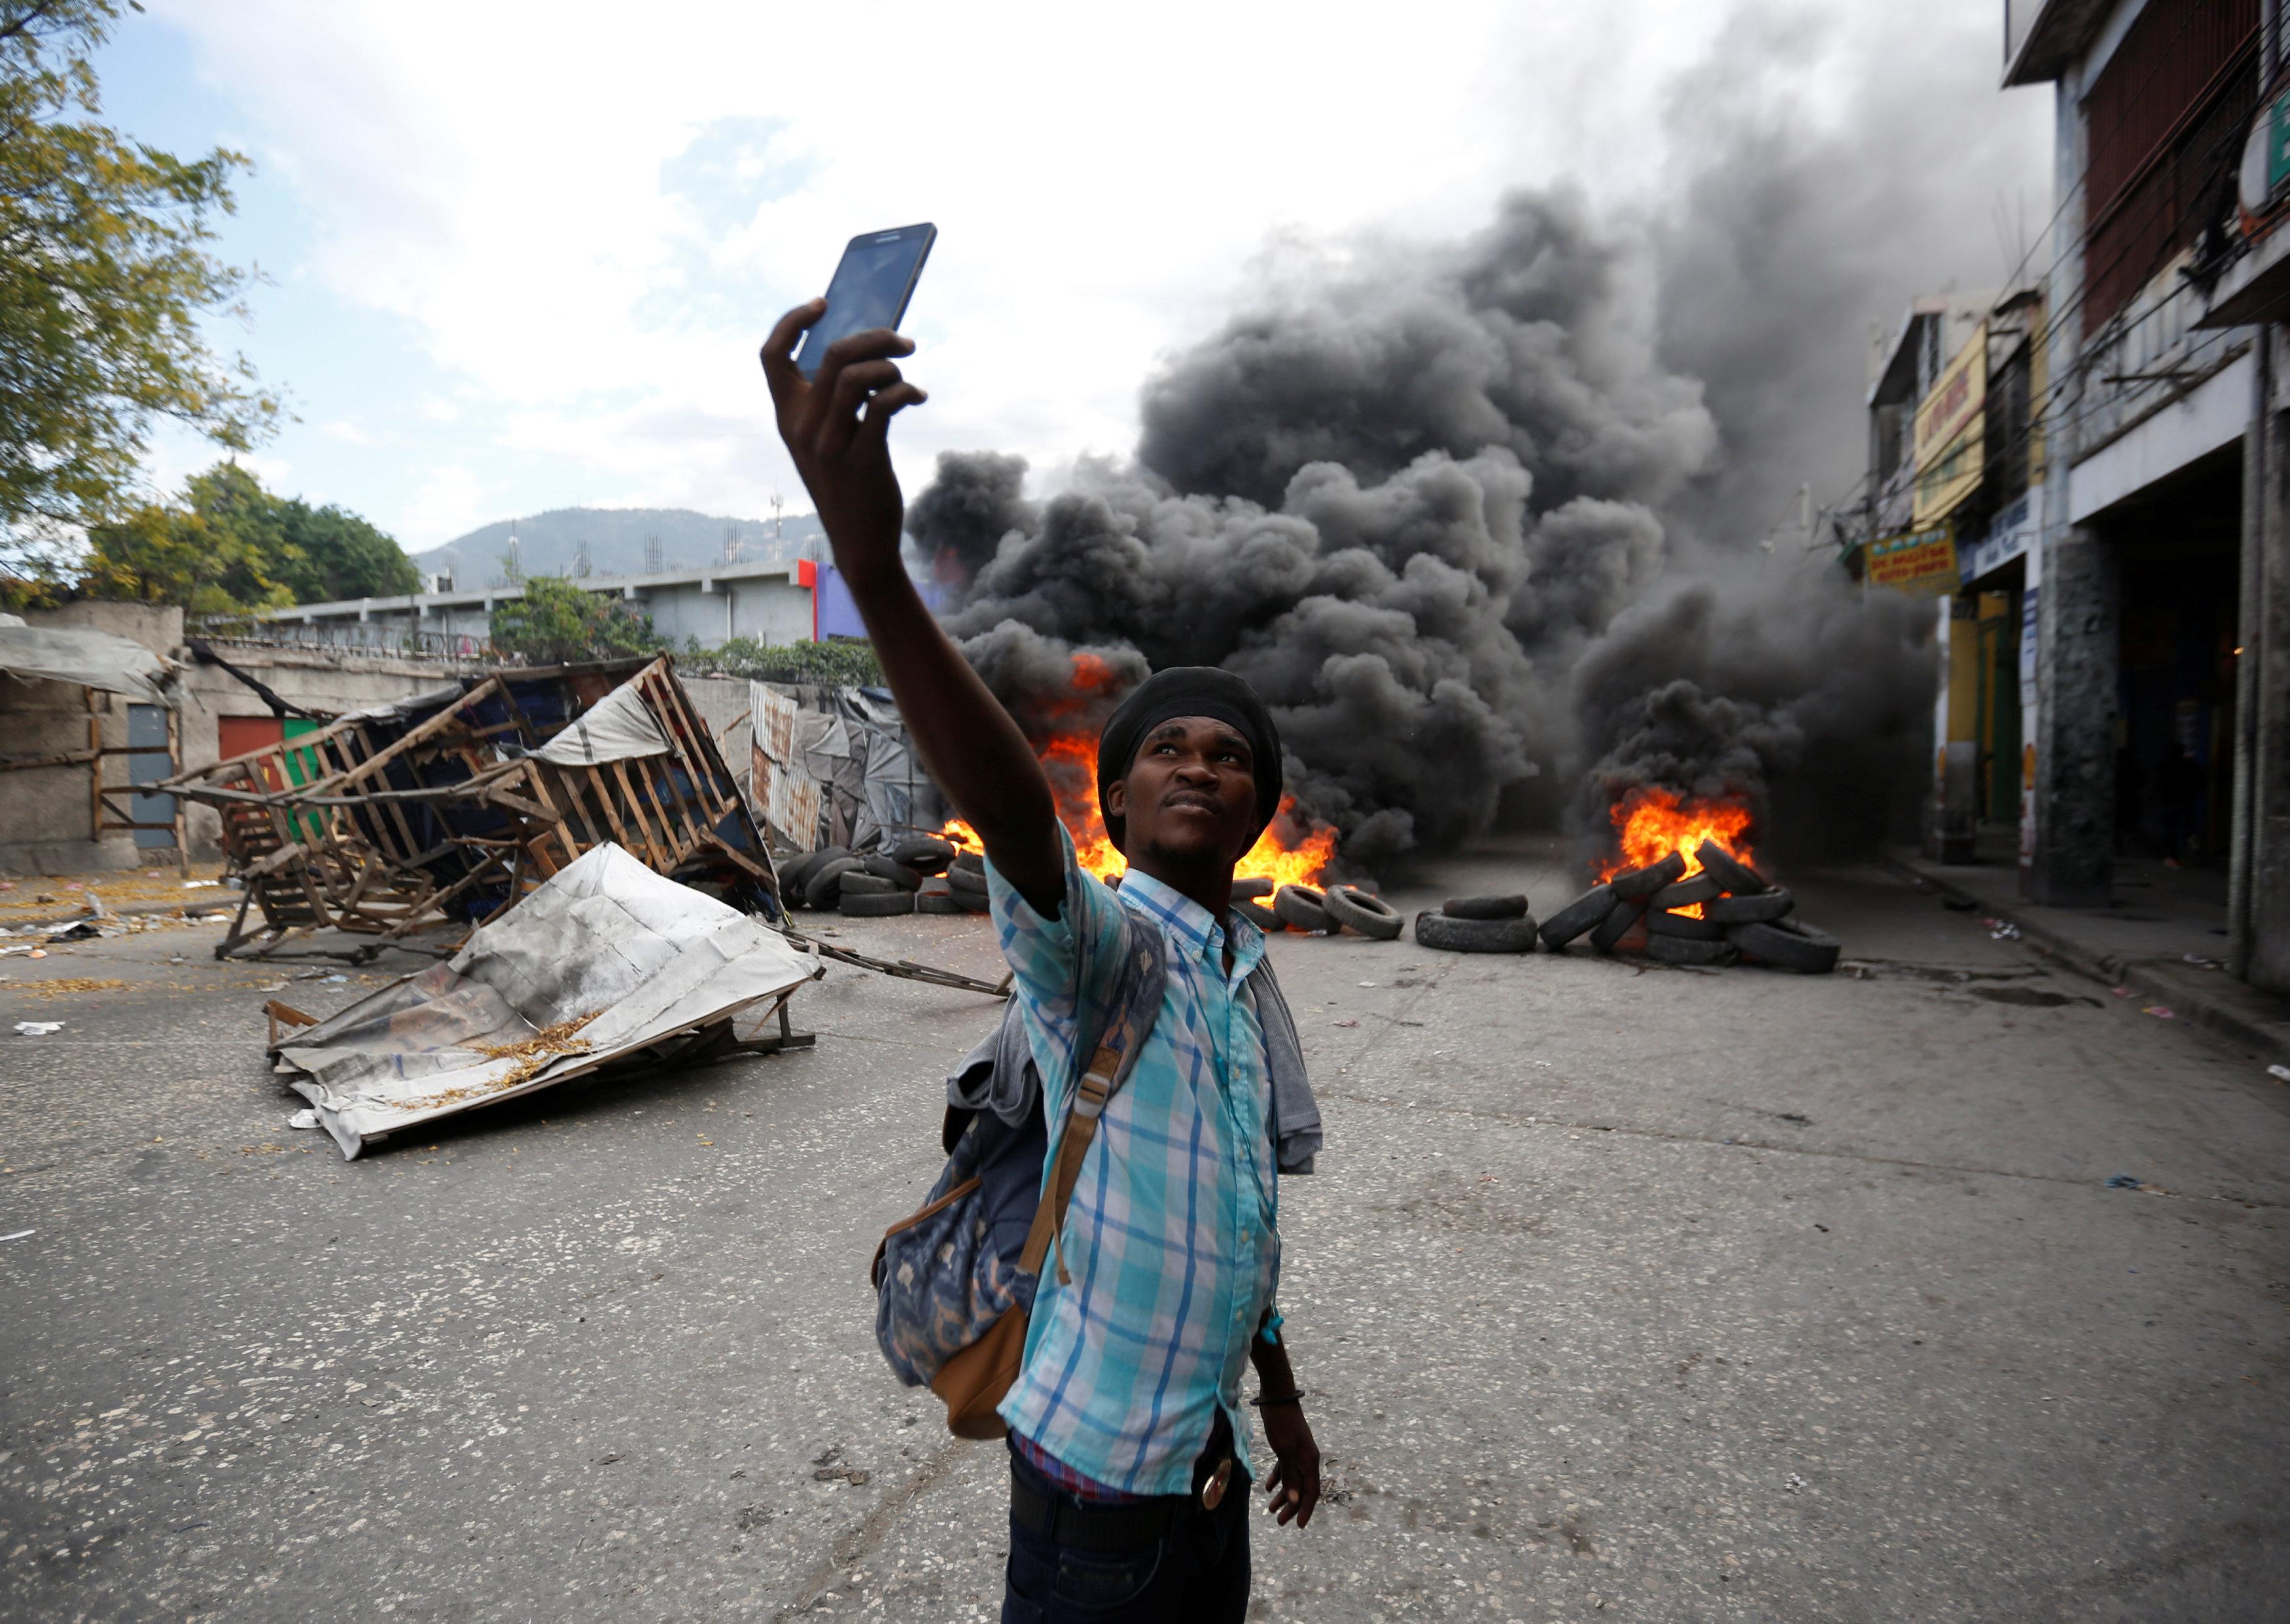 الاحتجاجات العنيفة ضد السلطة فى هايتى  (7)